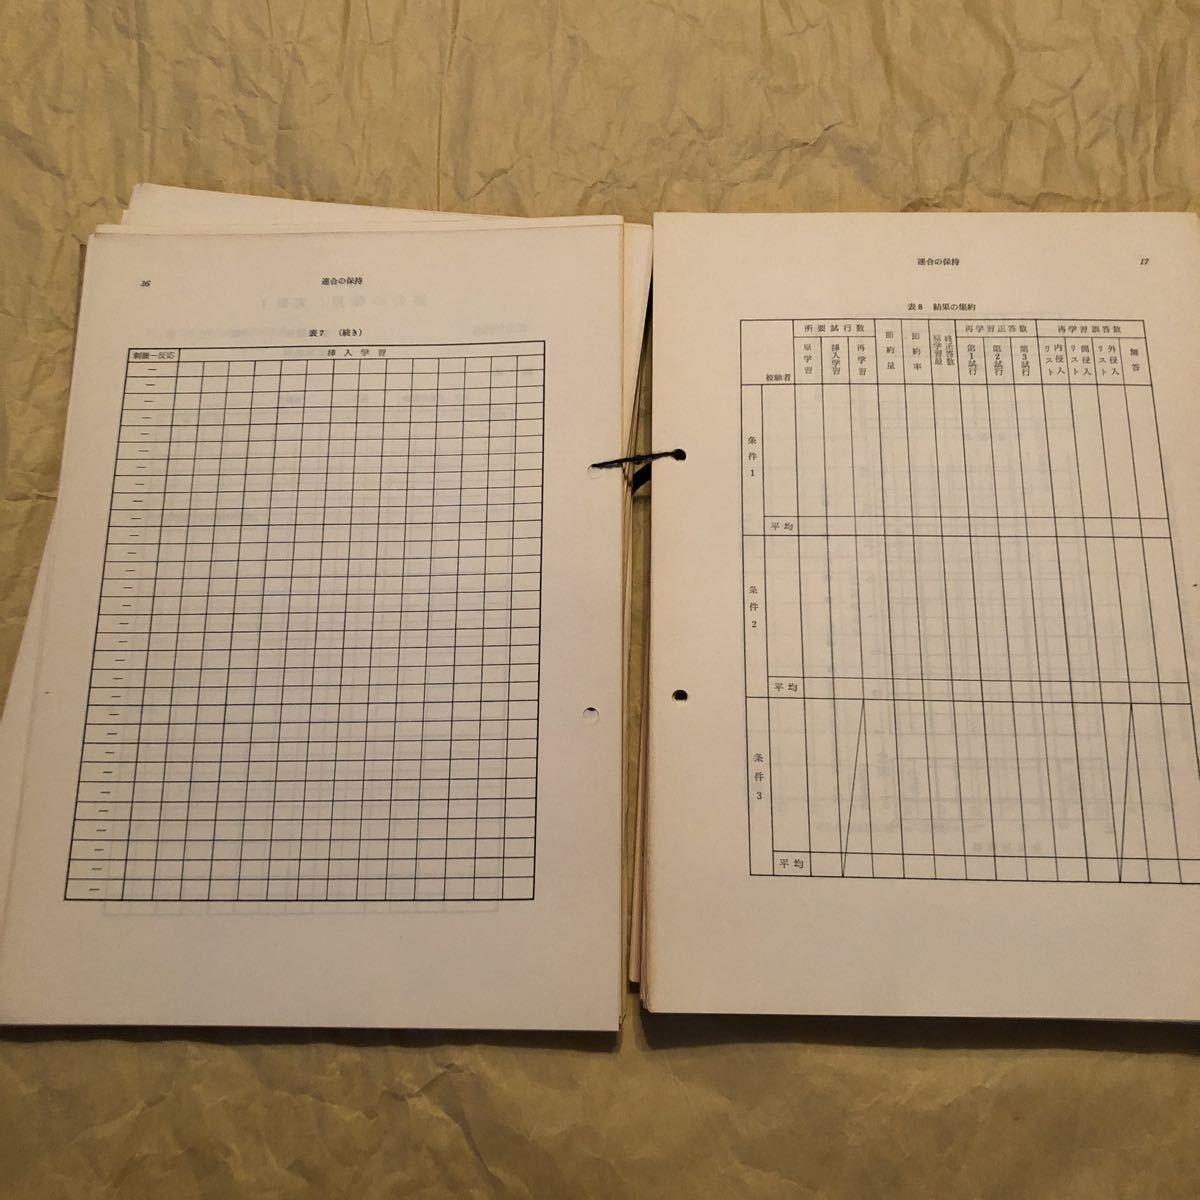 【心理学】『新版 実験とテスト 心理学の基礎』1974年★心理学実験指導研究会編★経年くすみあり_画像6